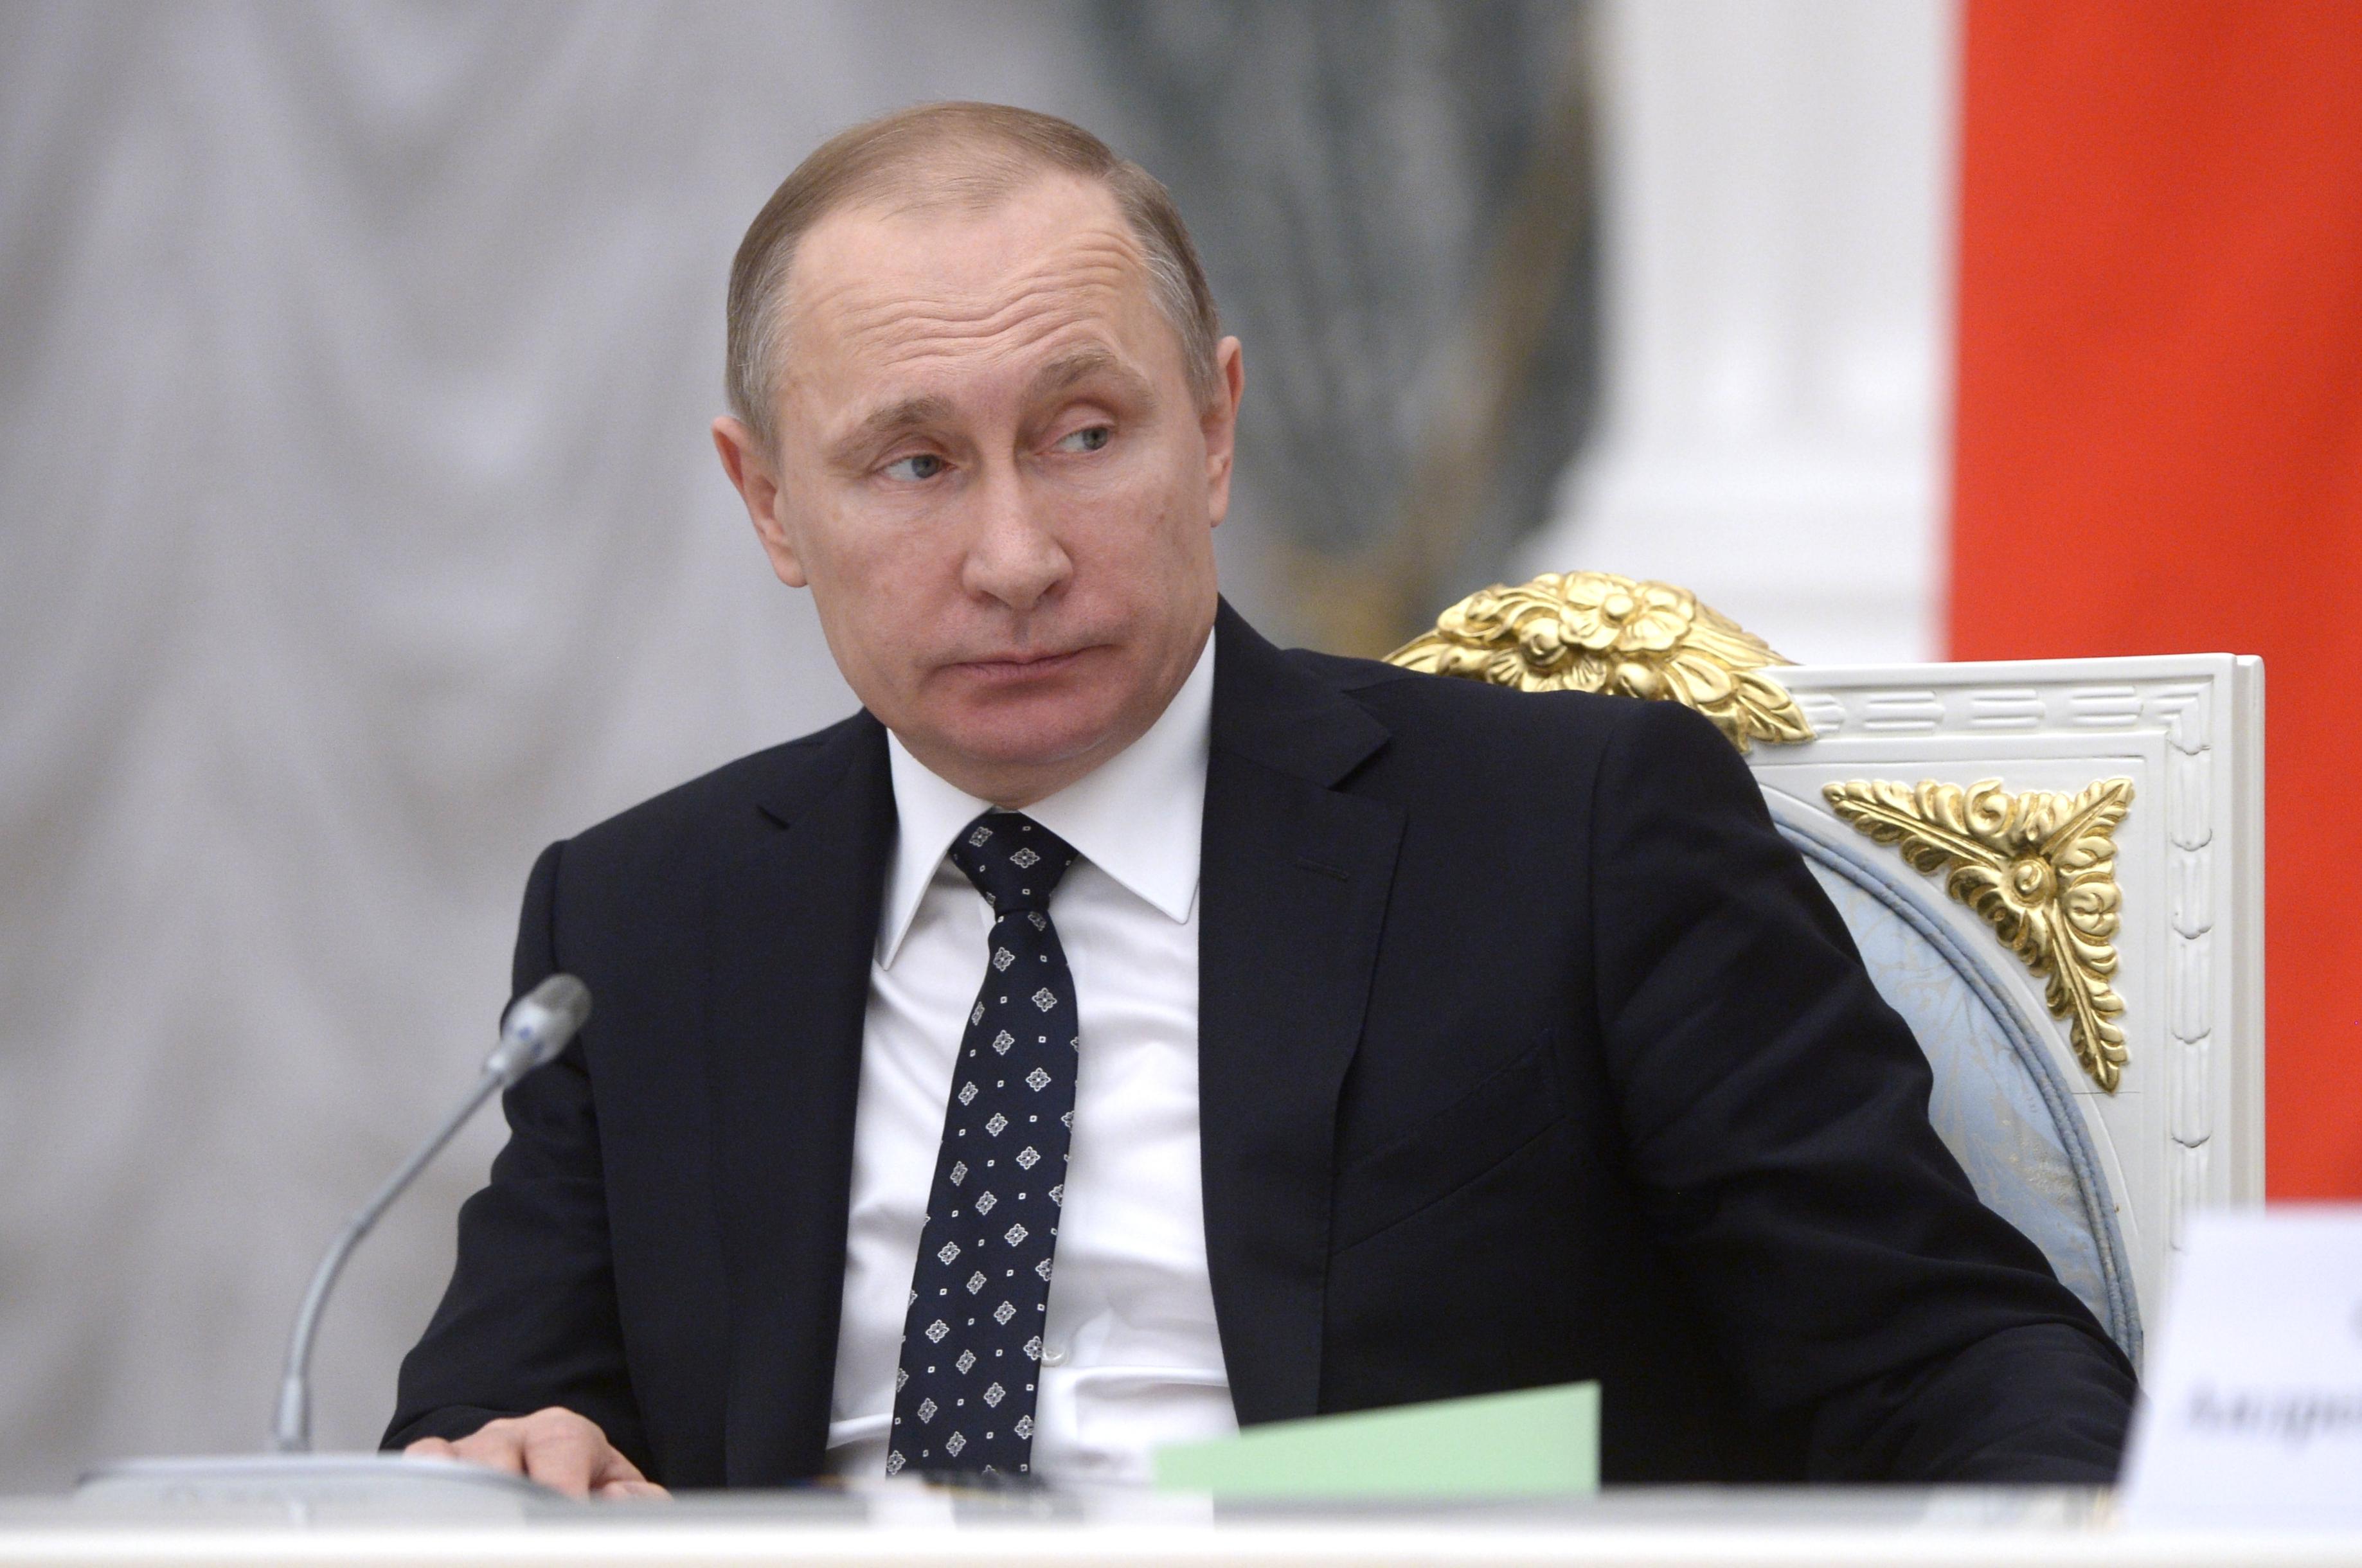 21 января 2016. Президент России Владимир Путин проводит заседание Совета по науке и образованию в Кремле.